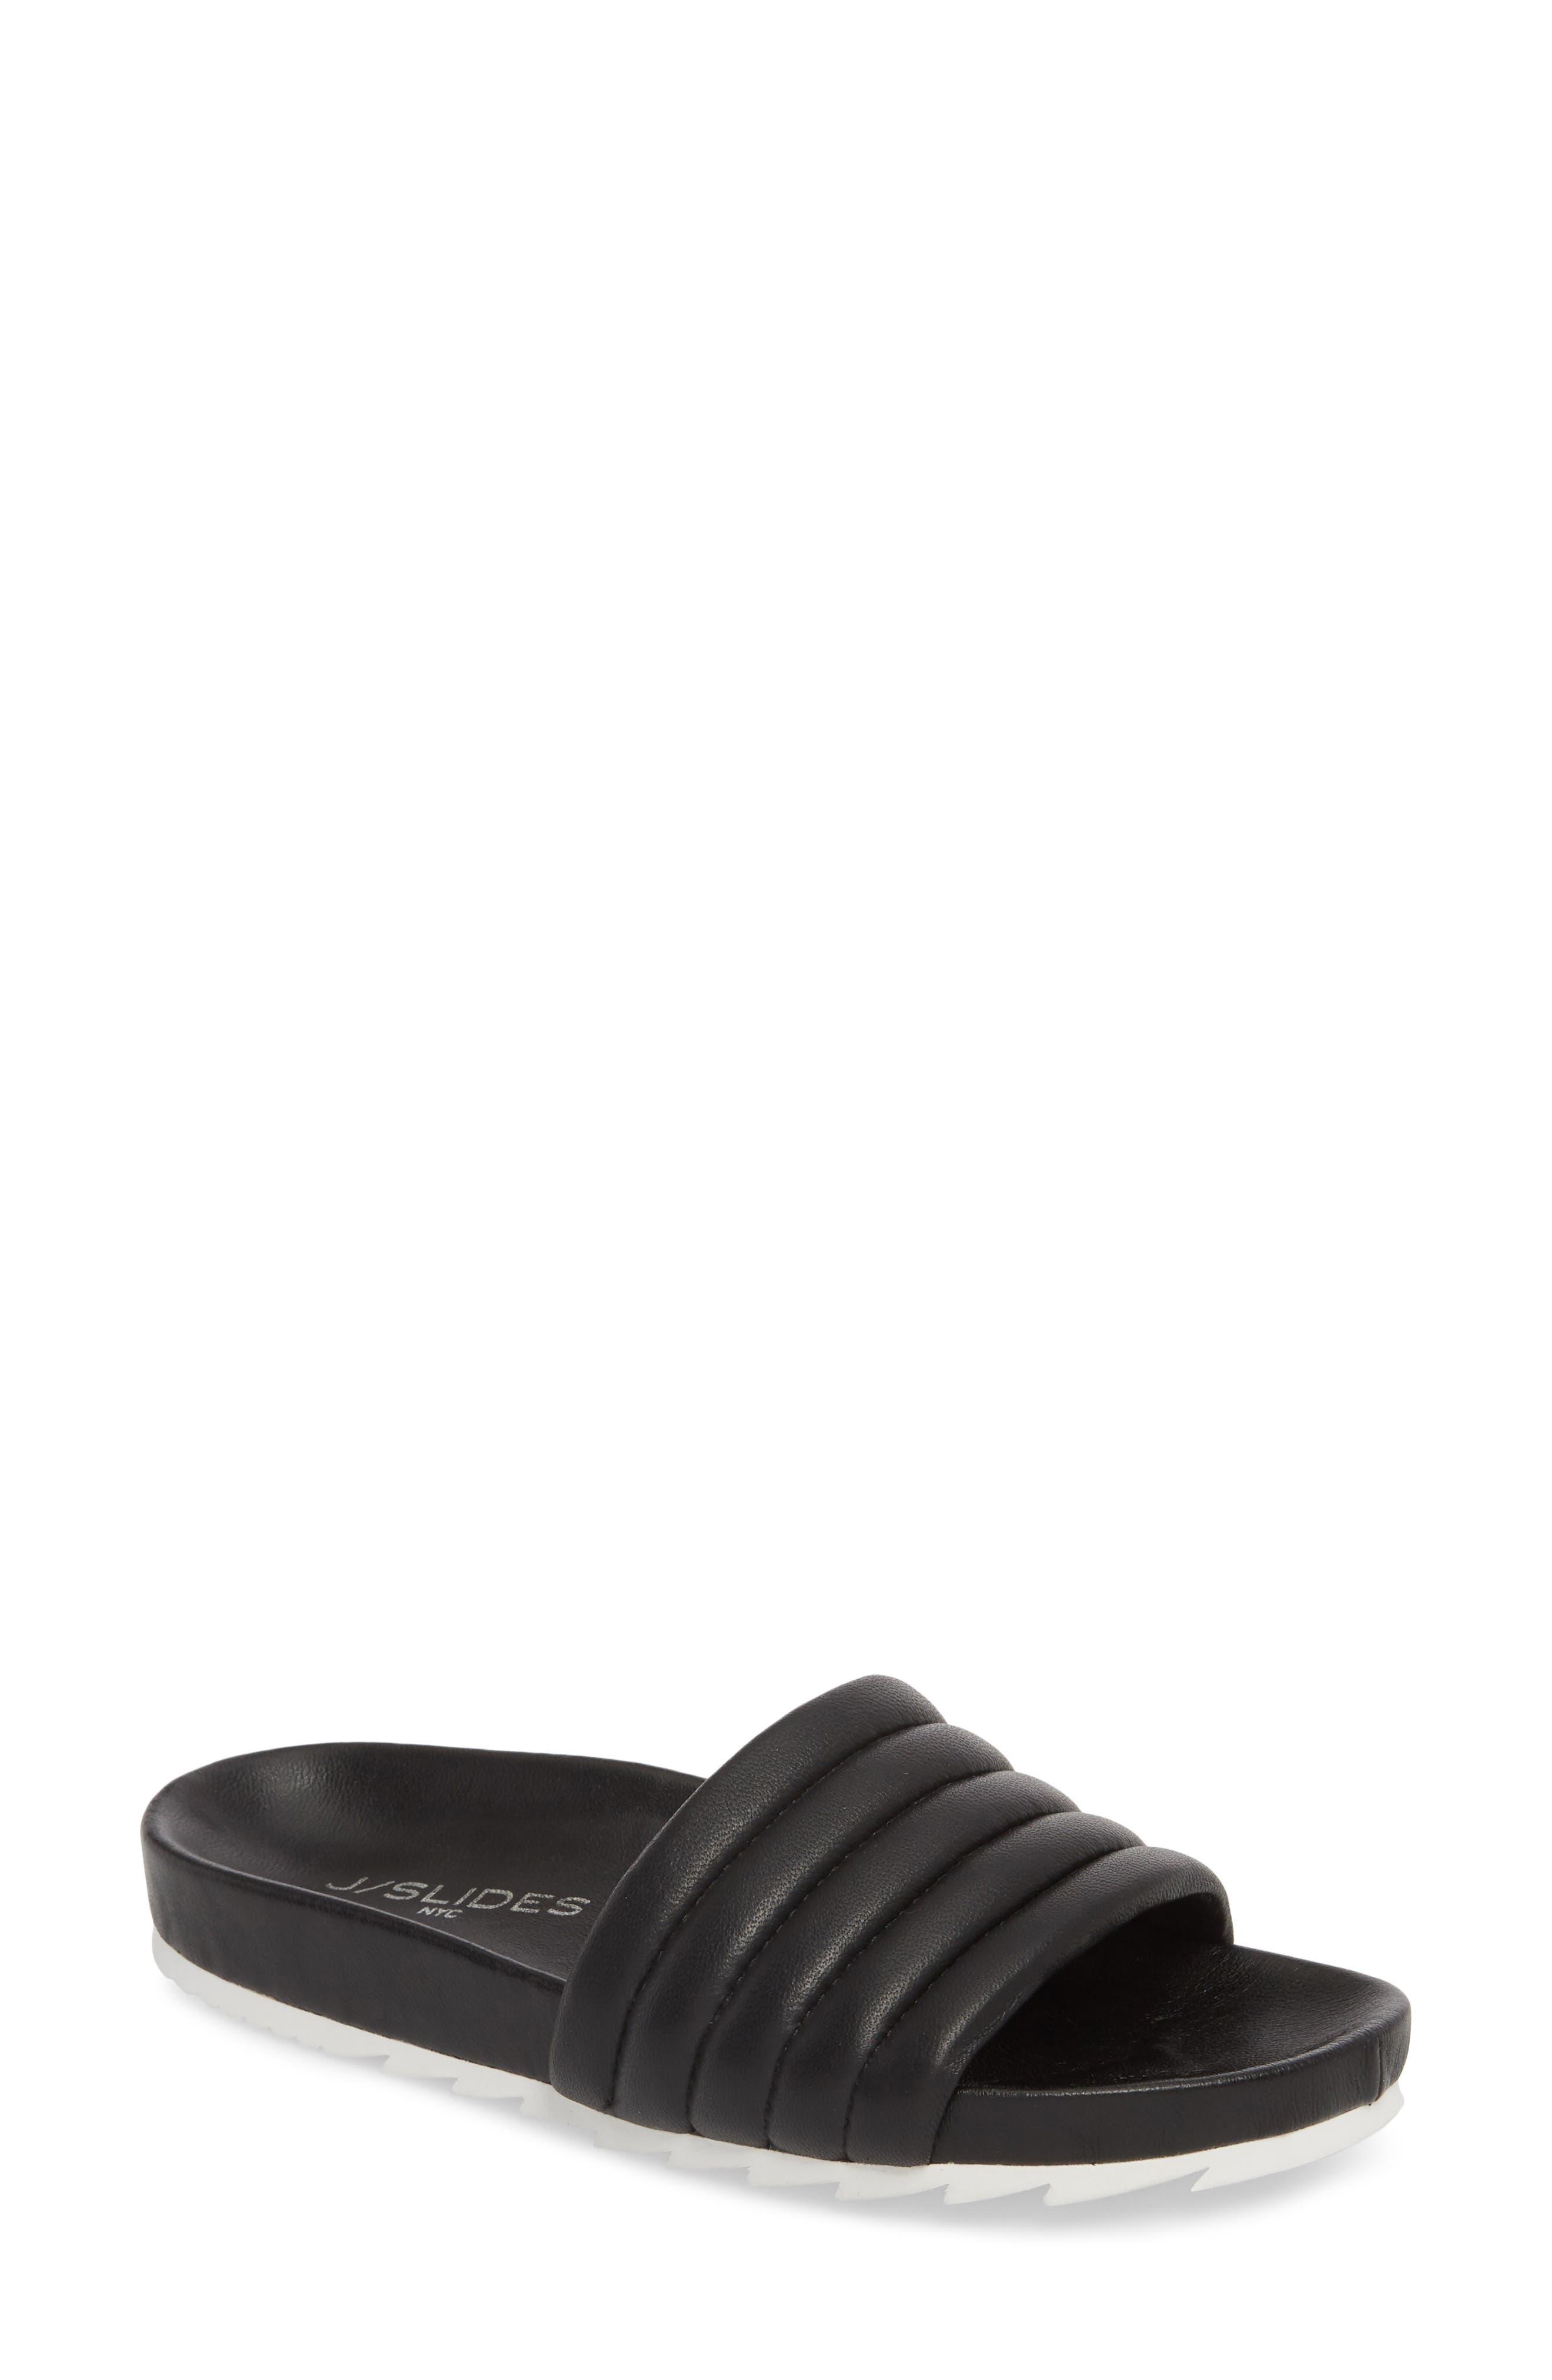 Eppie Slide Sandal,                         Main,                         color, BLACK LEATHER